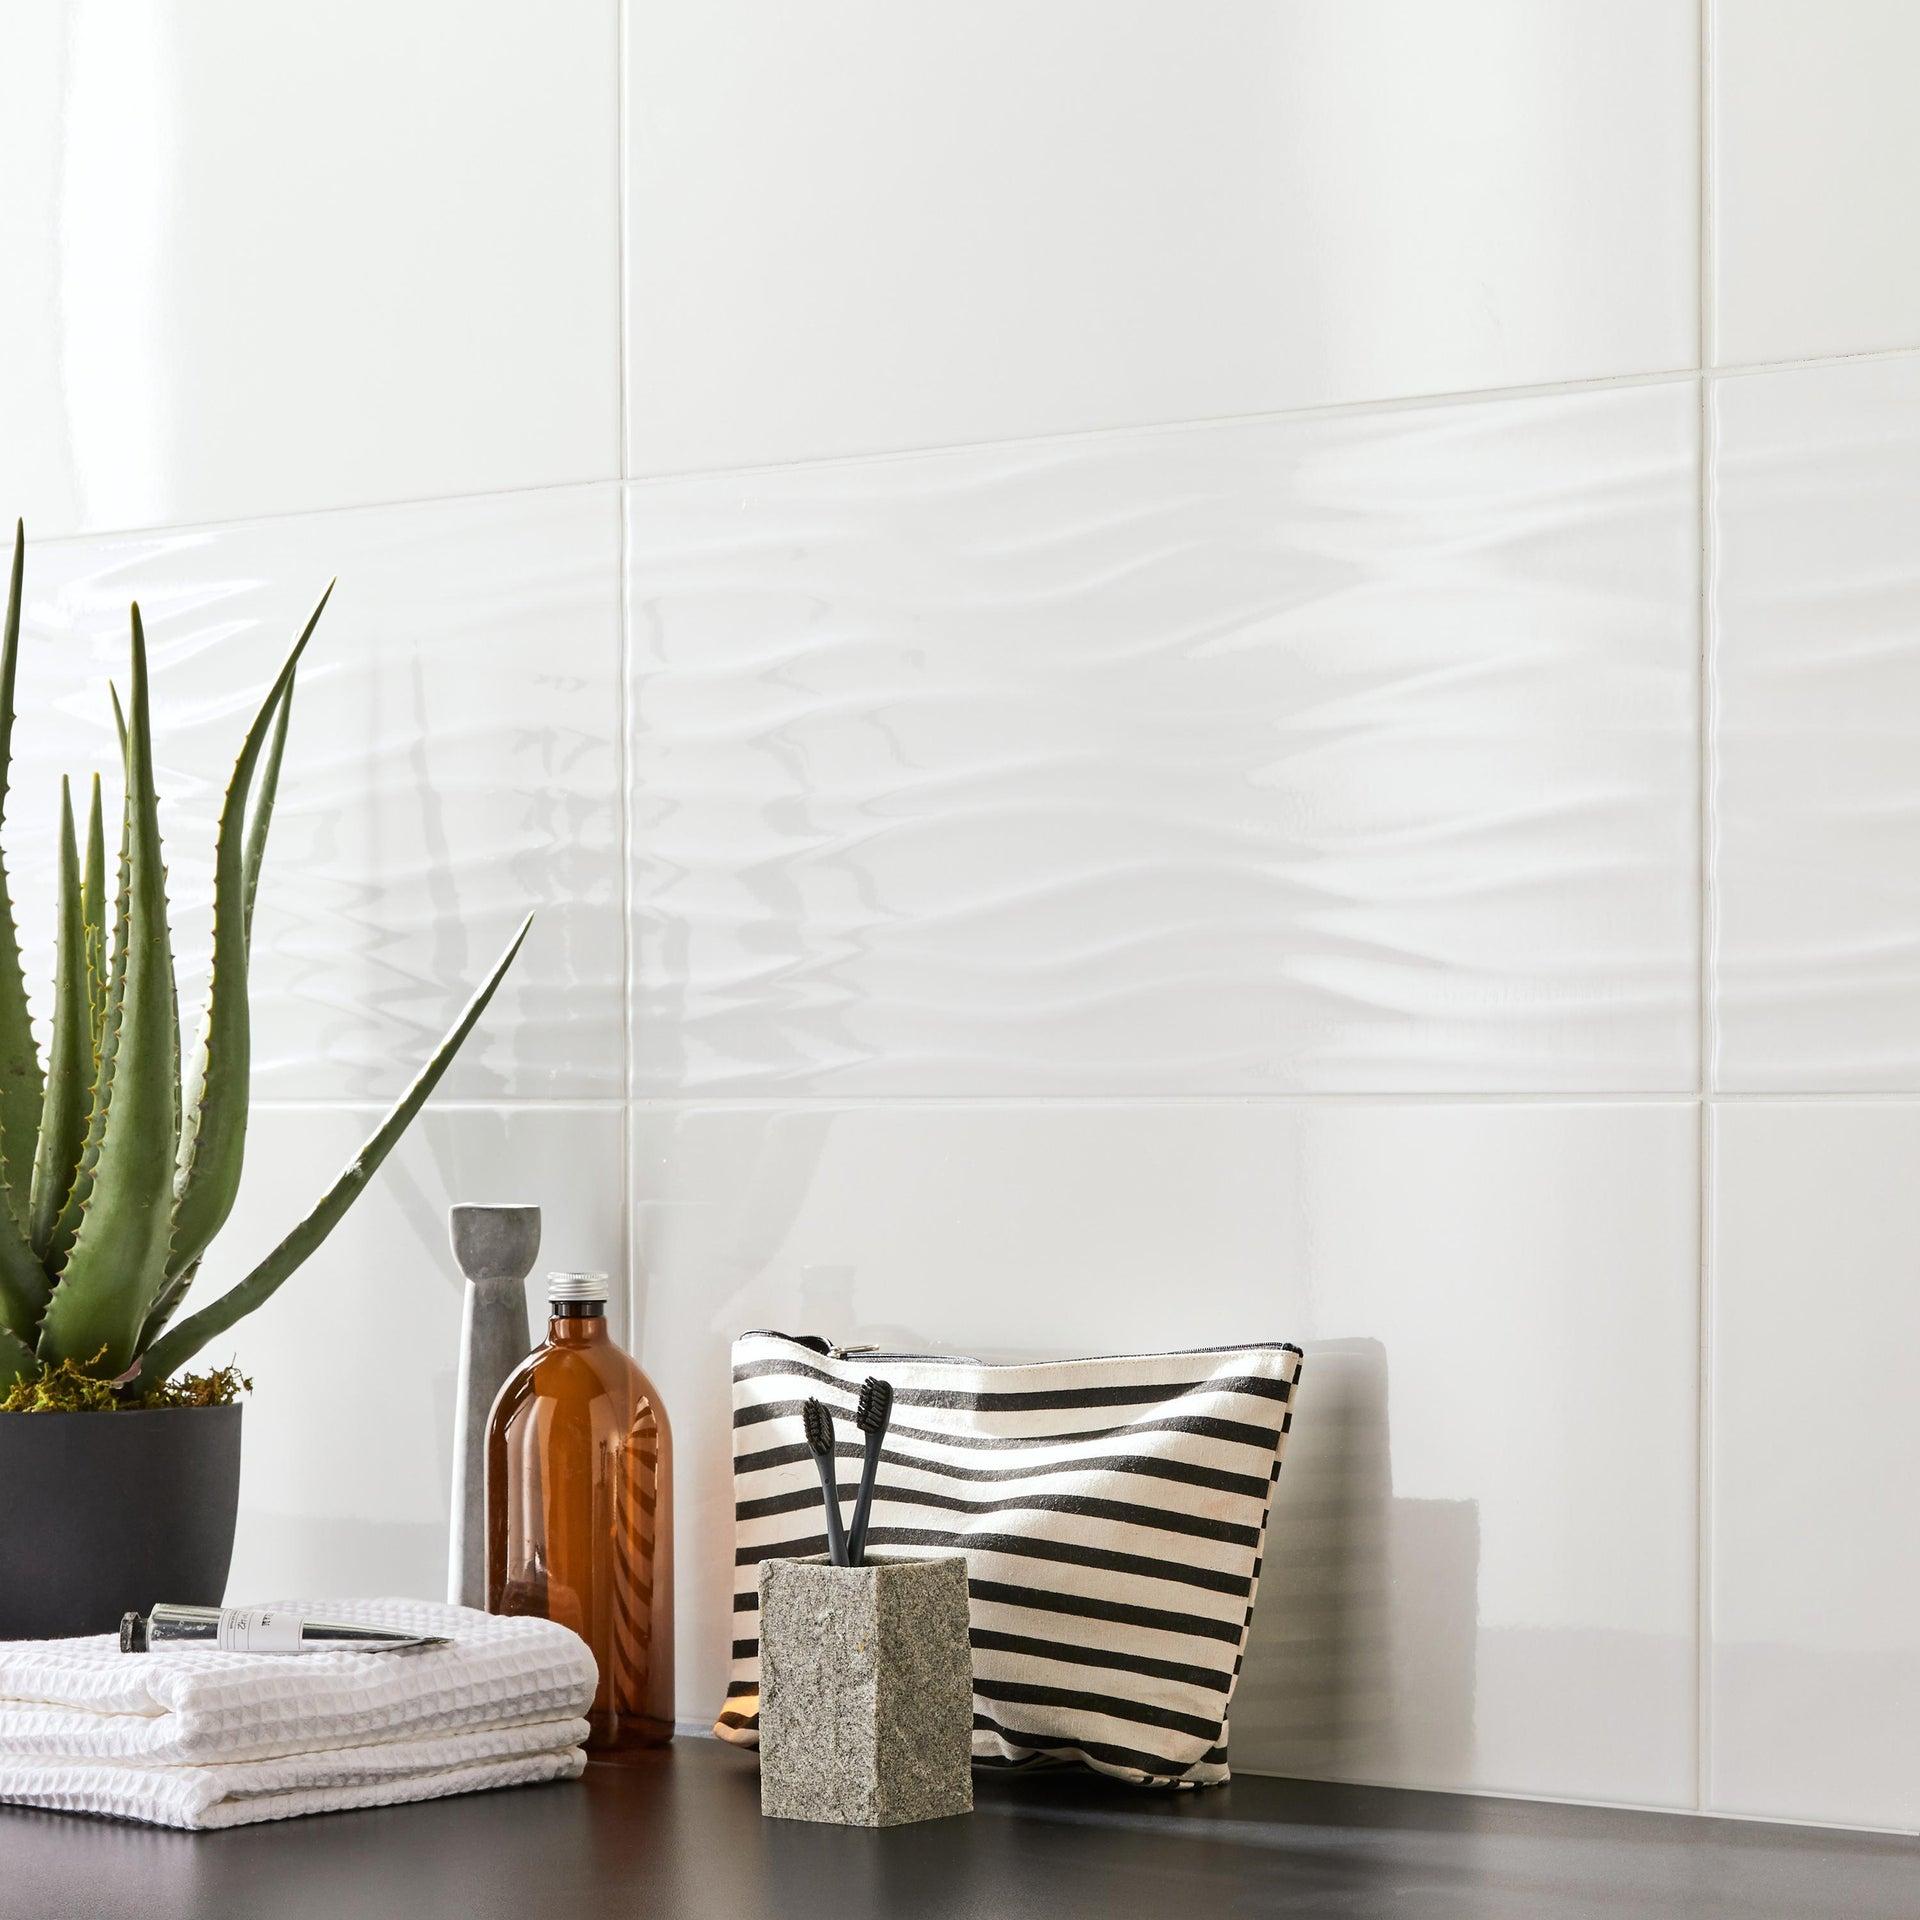 Piastrella per rivestimenti White glossy 30 x 60 cm sp. 8.5 mm bianco - 2